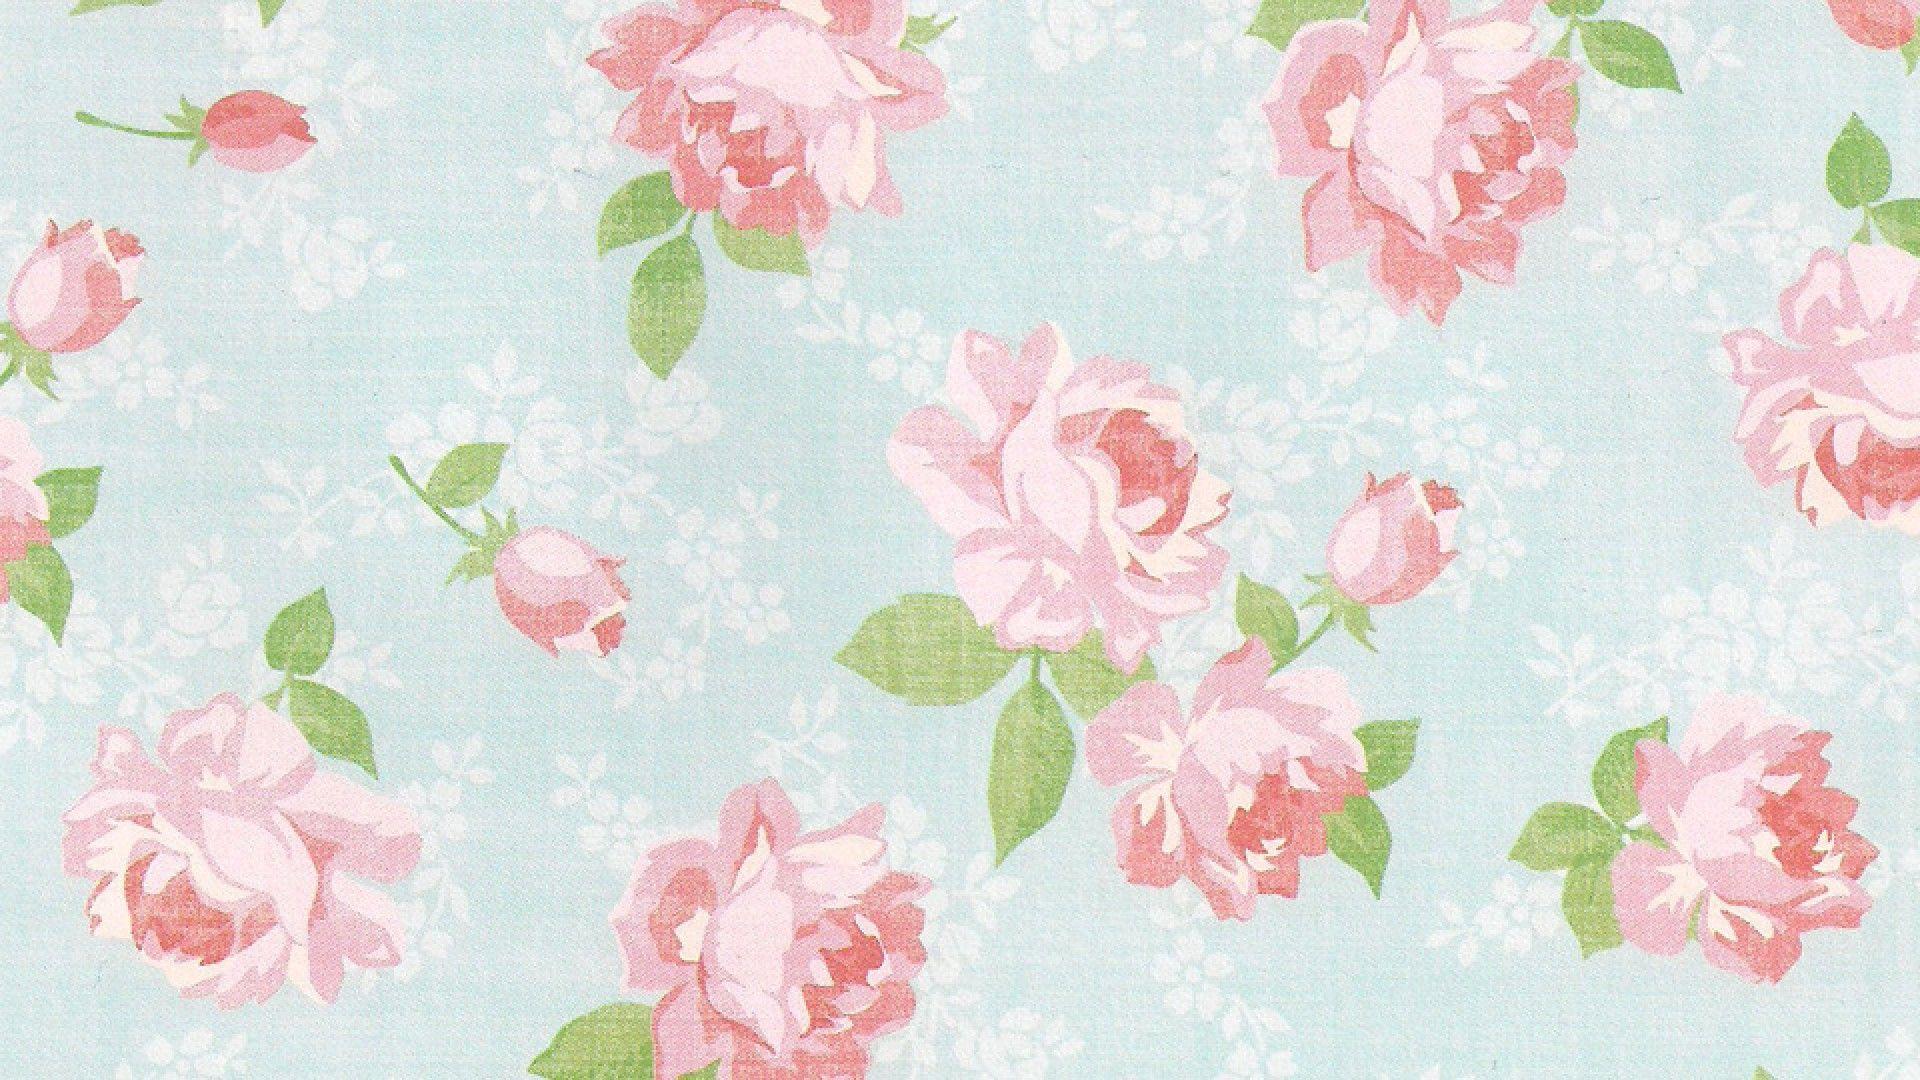 Free Vintage Flower Wallpaper Hd Vintage Flowers Wallpaper Vintage Floral Backgrounds Vintage Floral Wallpapers